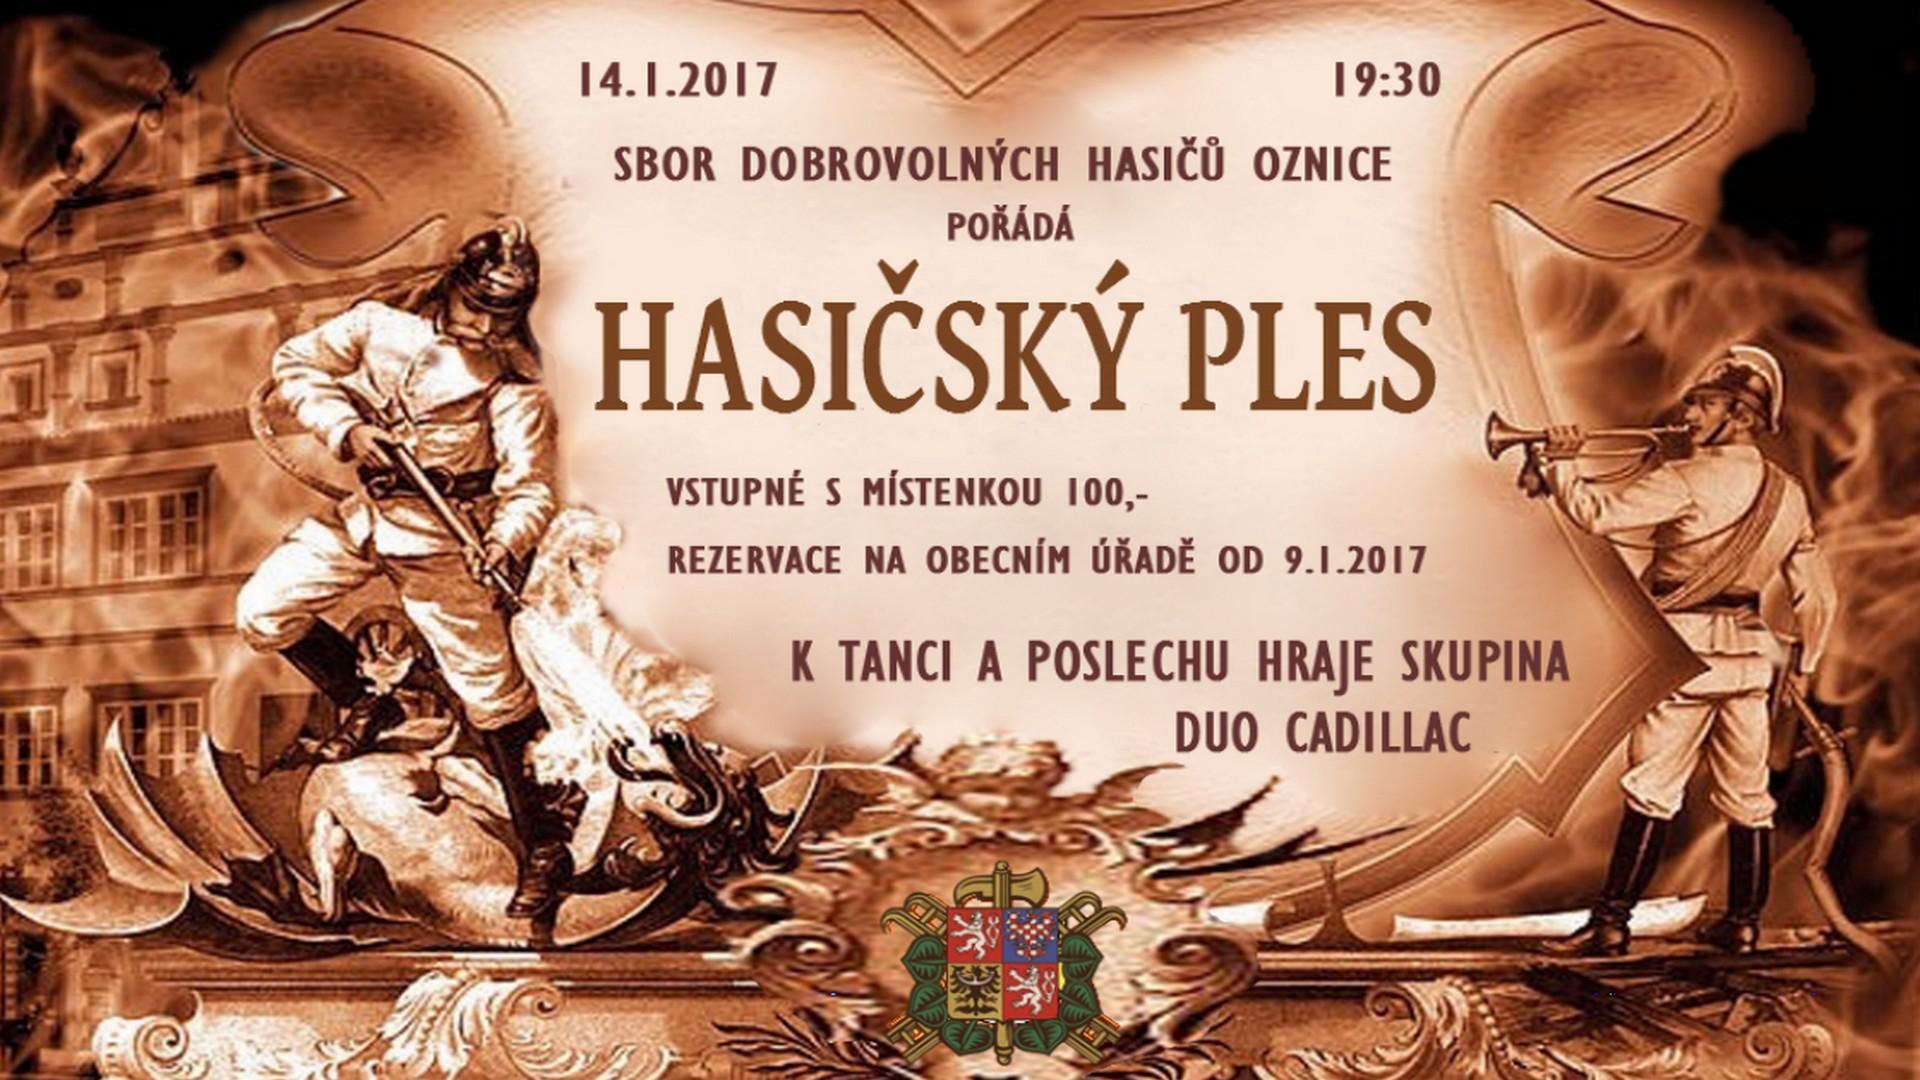 SDH Oznice - Hasičský ples 14.1.2017